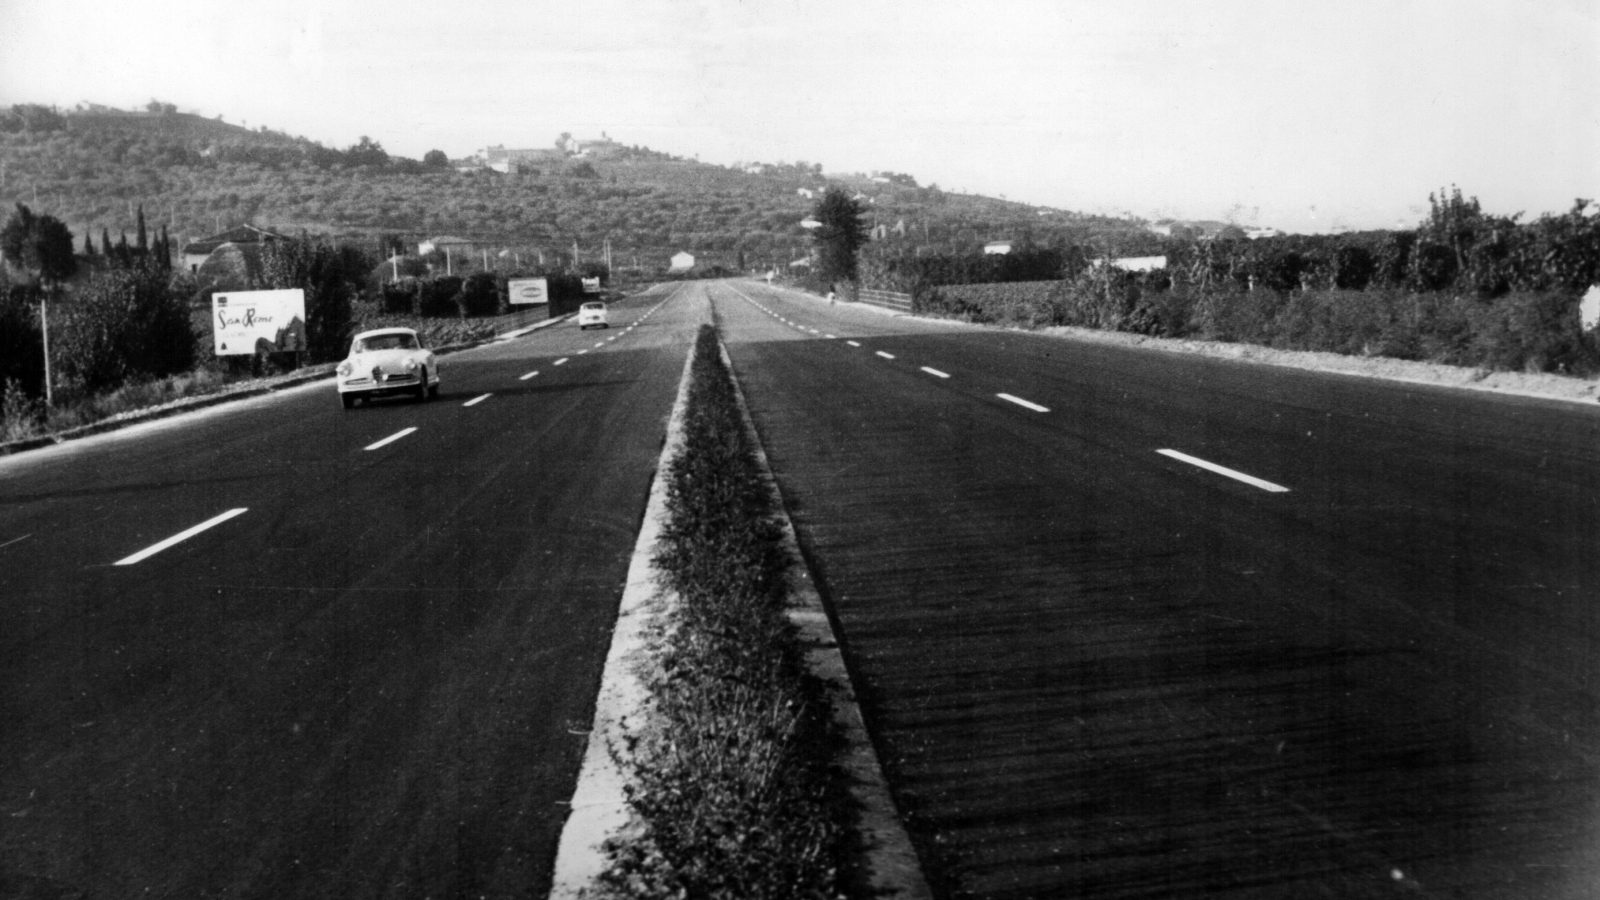 """Emilia Romagna, strada statale 72 """"di San Marino"""" a doppia carreggiata fra l'innesto con la SS16 a Rimini e la Repubblica di San Marino  (Archivio storico Anas)"""